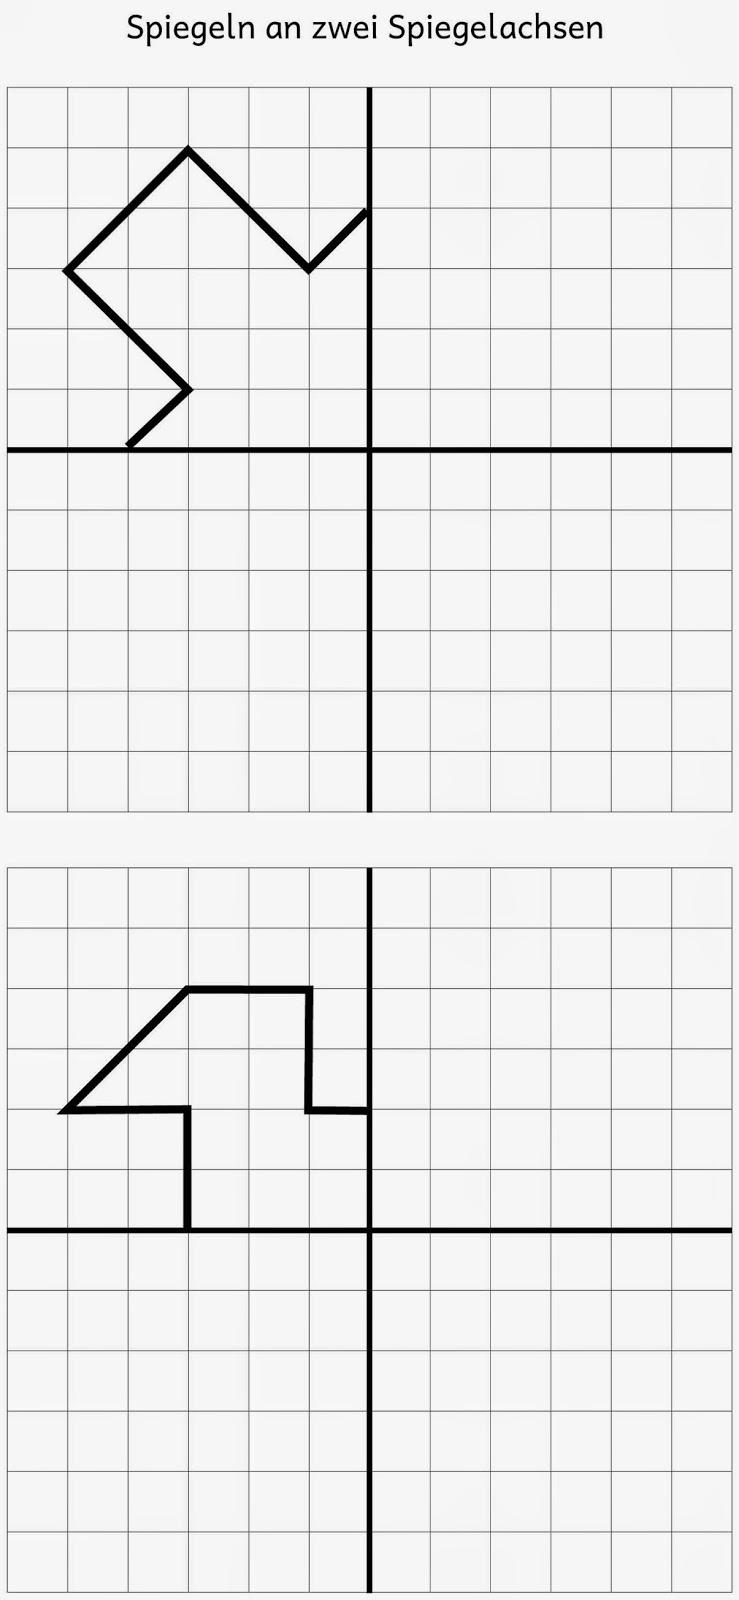 lernst bchen spiegeln an zwei spiegelachsen 1. Black Bedroom Furniture Sets. Home Design Ideas